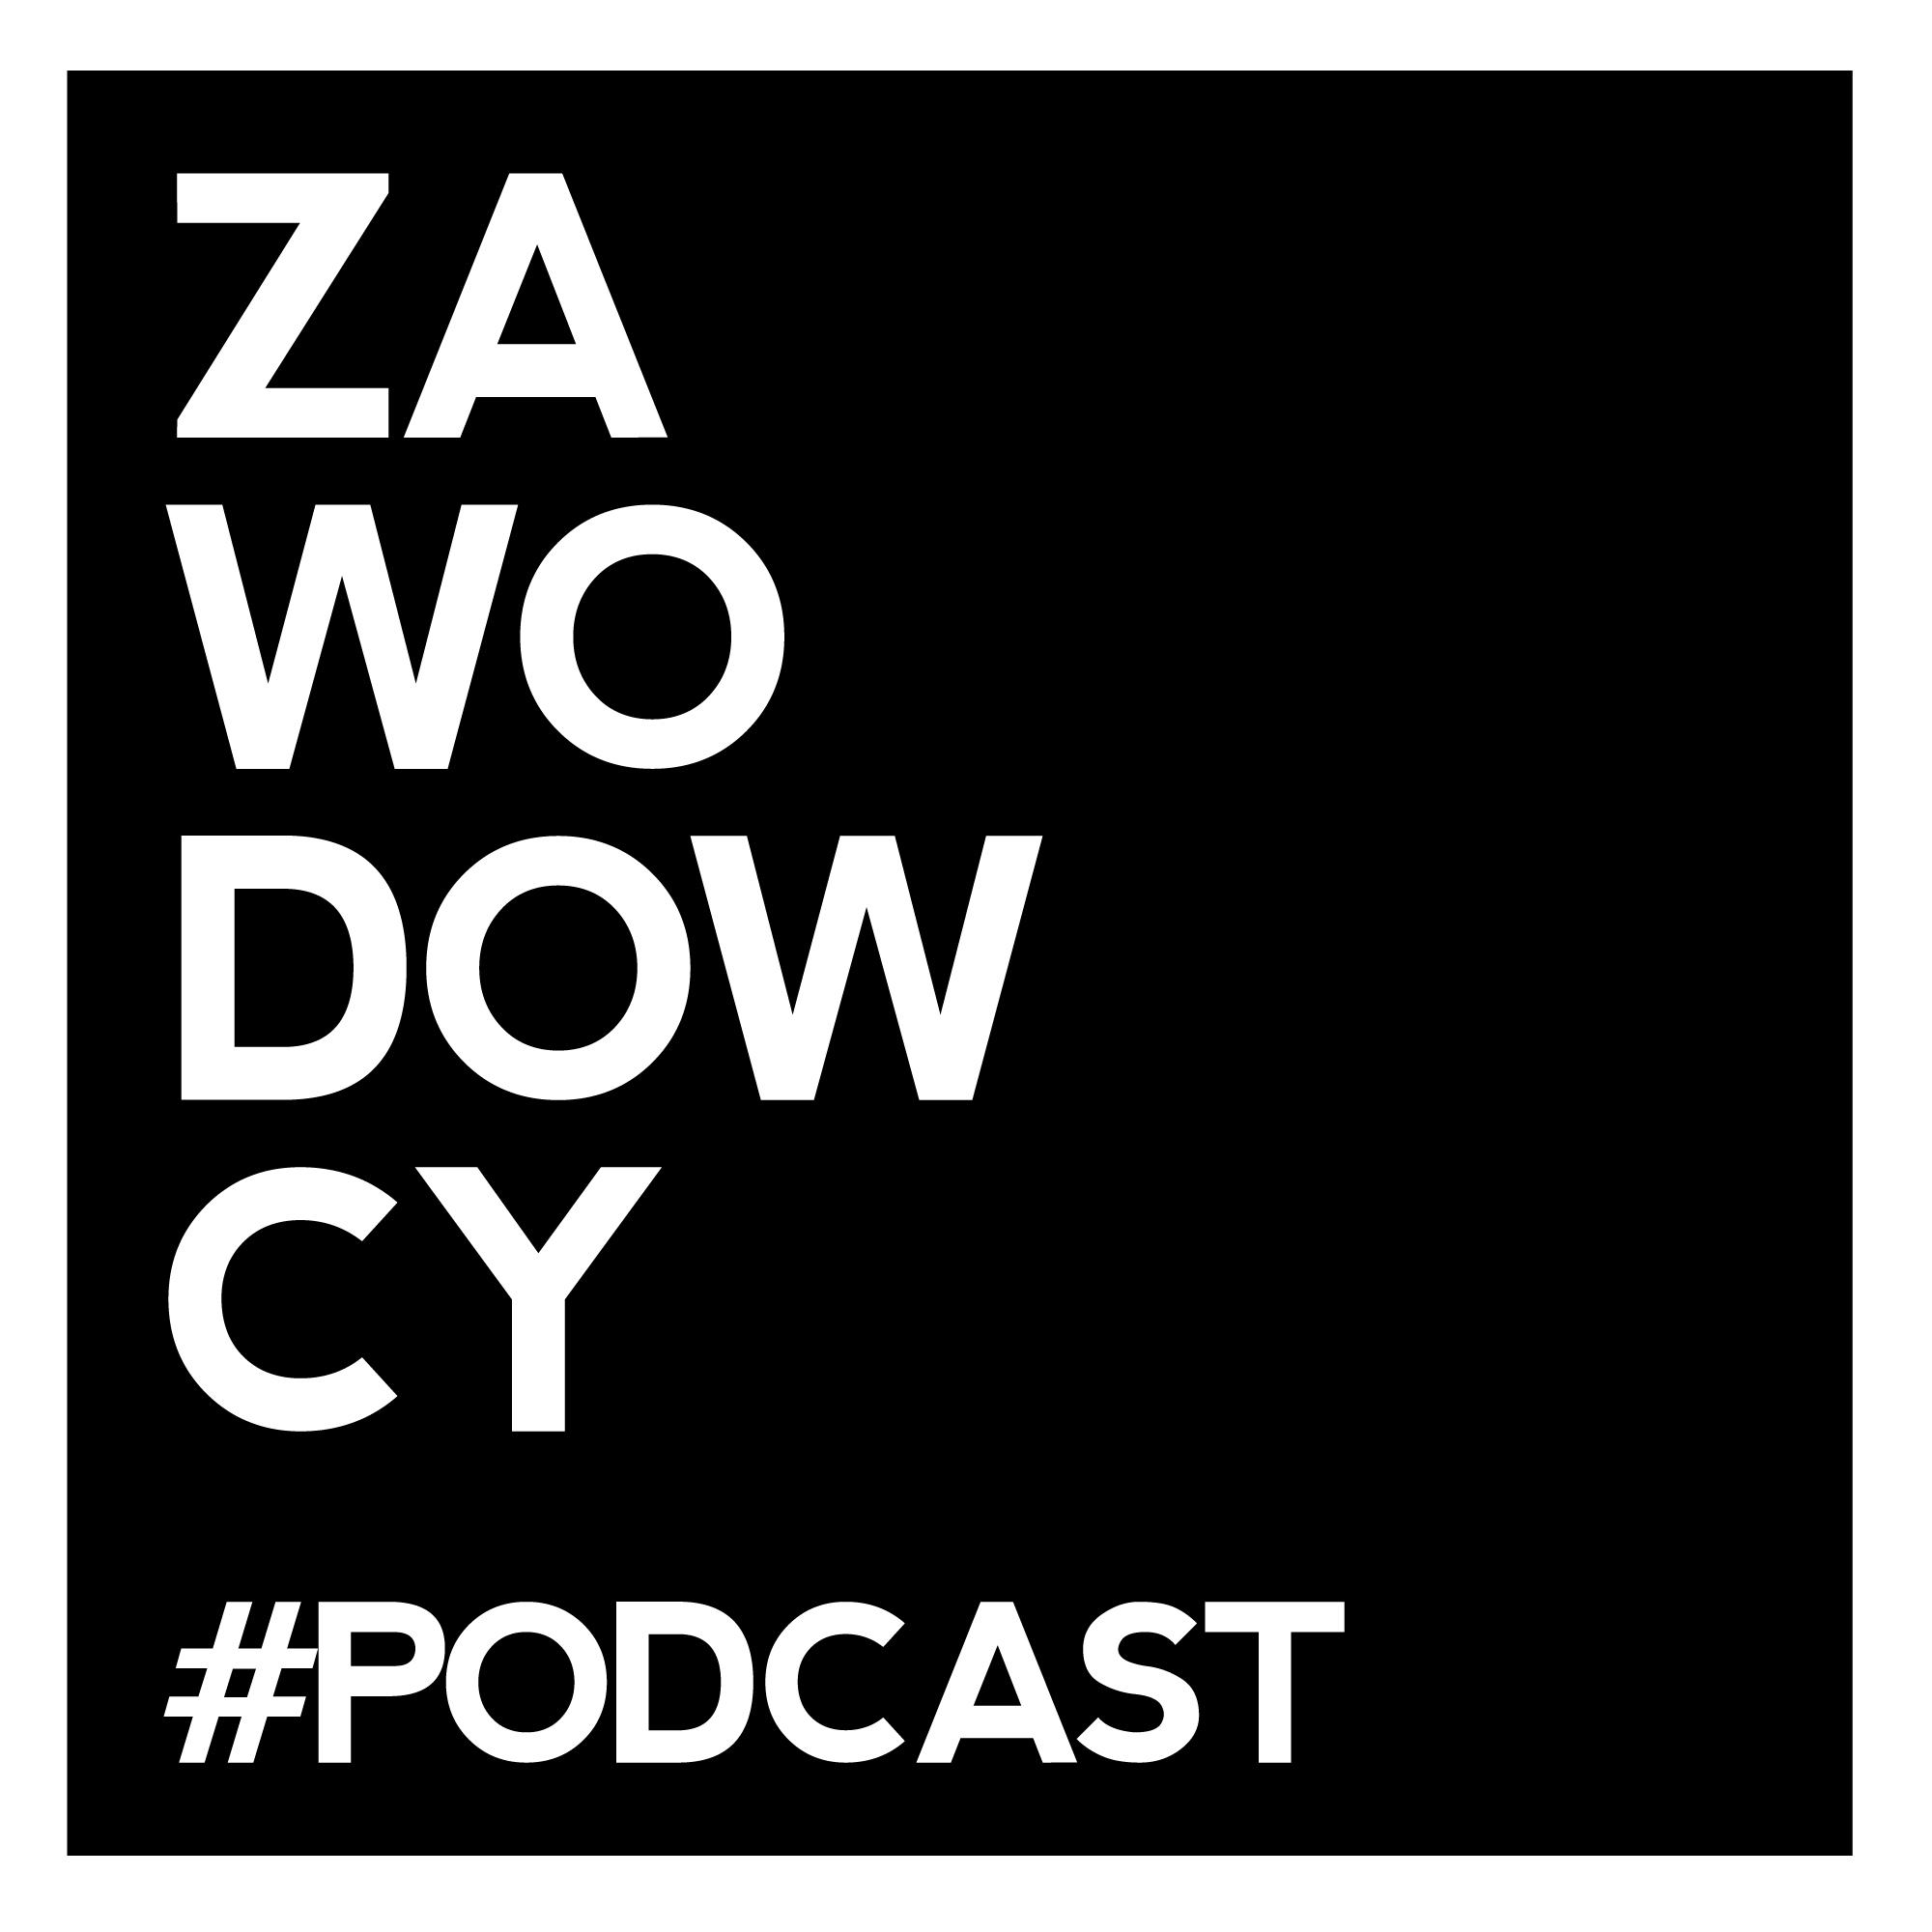 ZAWODOWCY #podcast #podcasty #sluchampodcastow